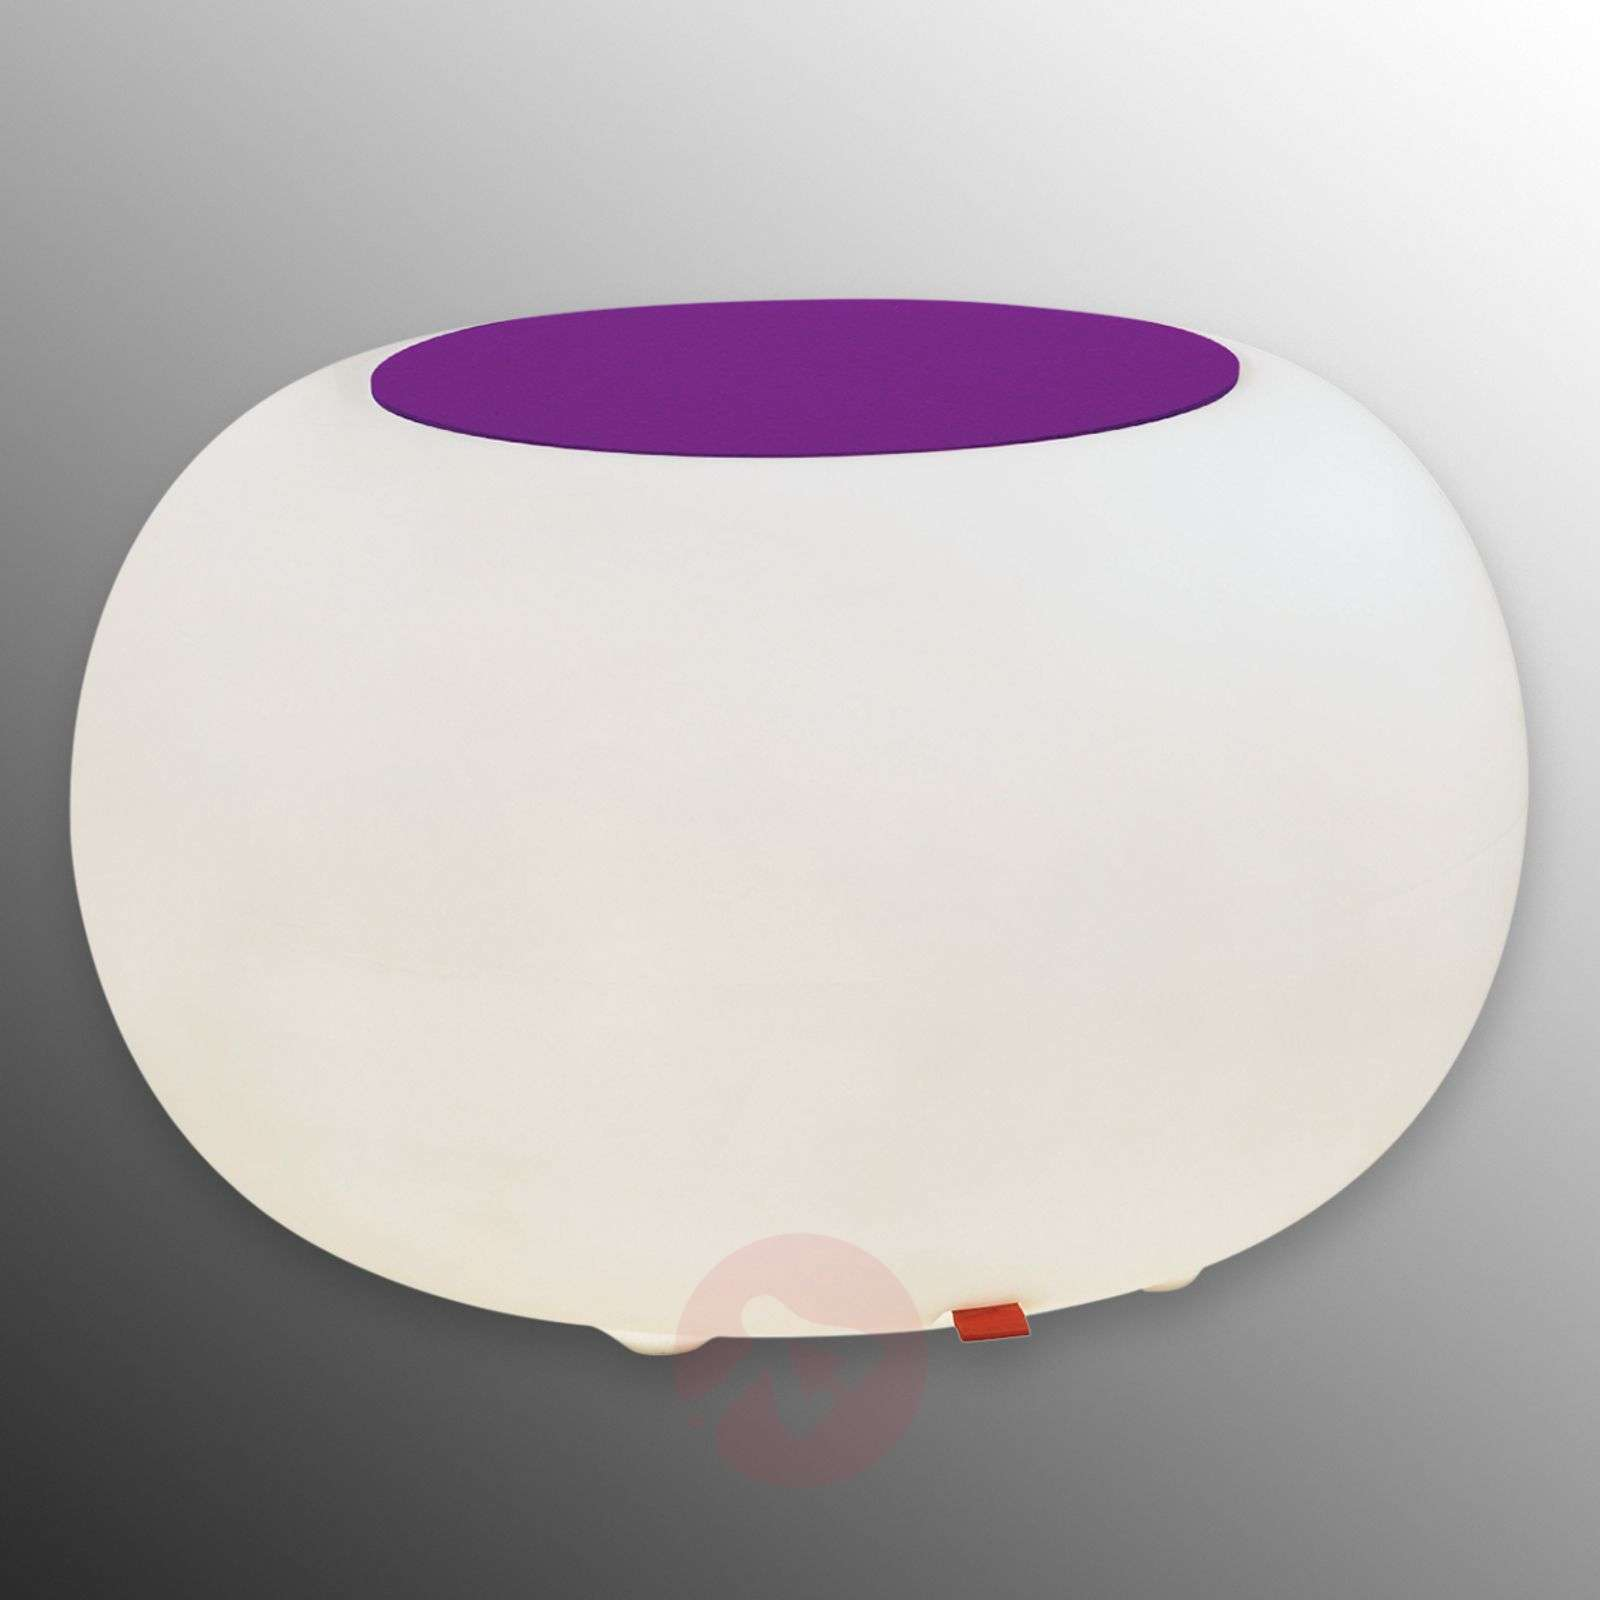 Pöytä Bubble, valo LED RGB + huopa violetti-6537072-01